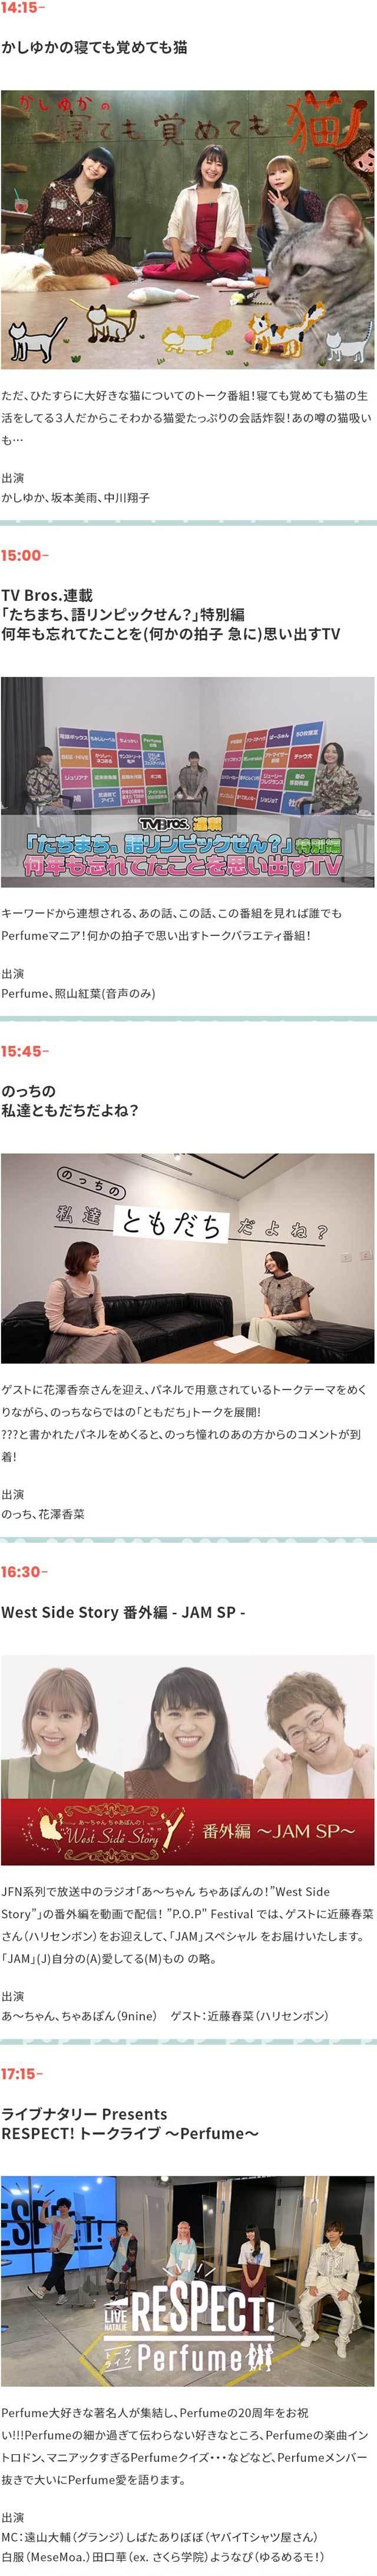 200917_02.jpg